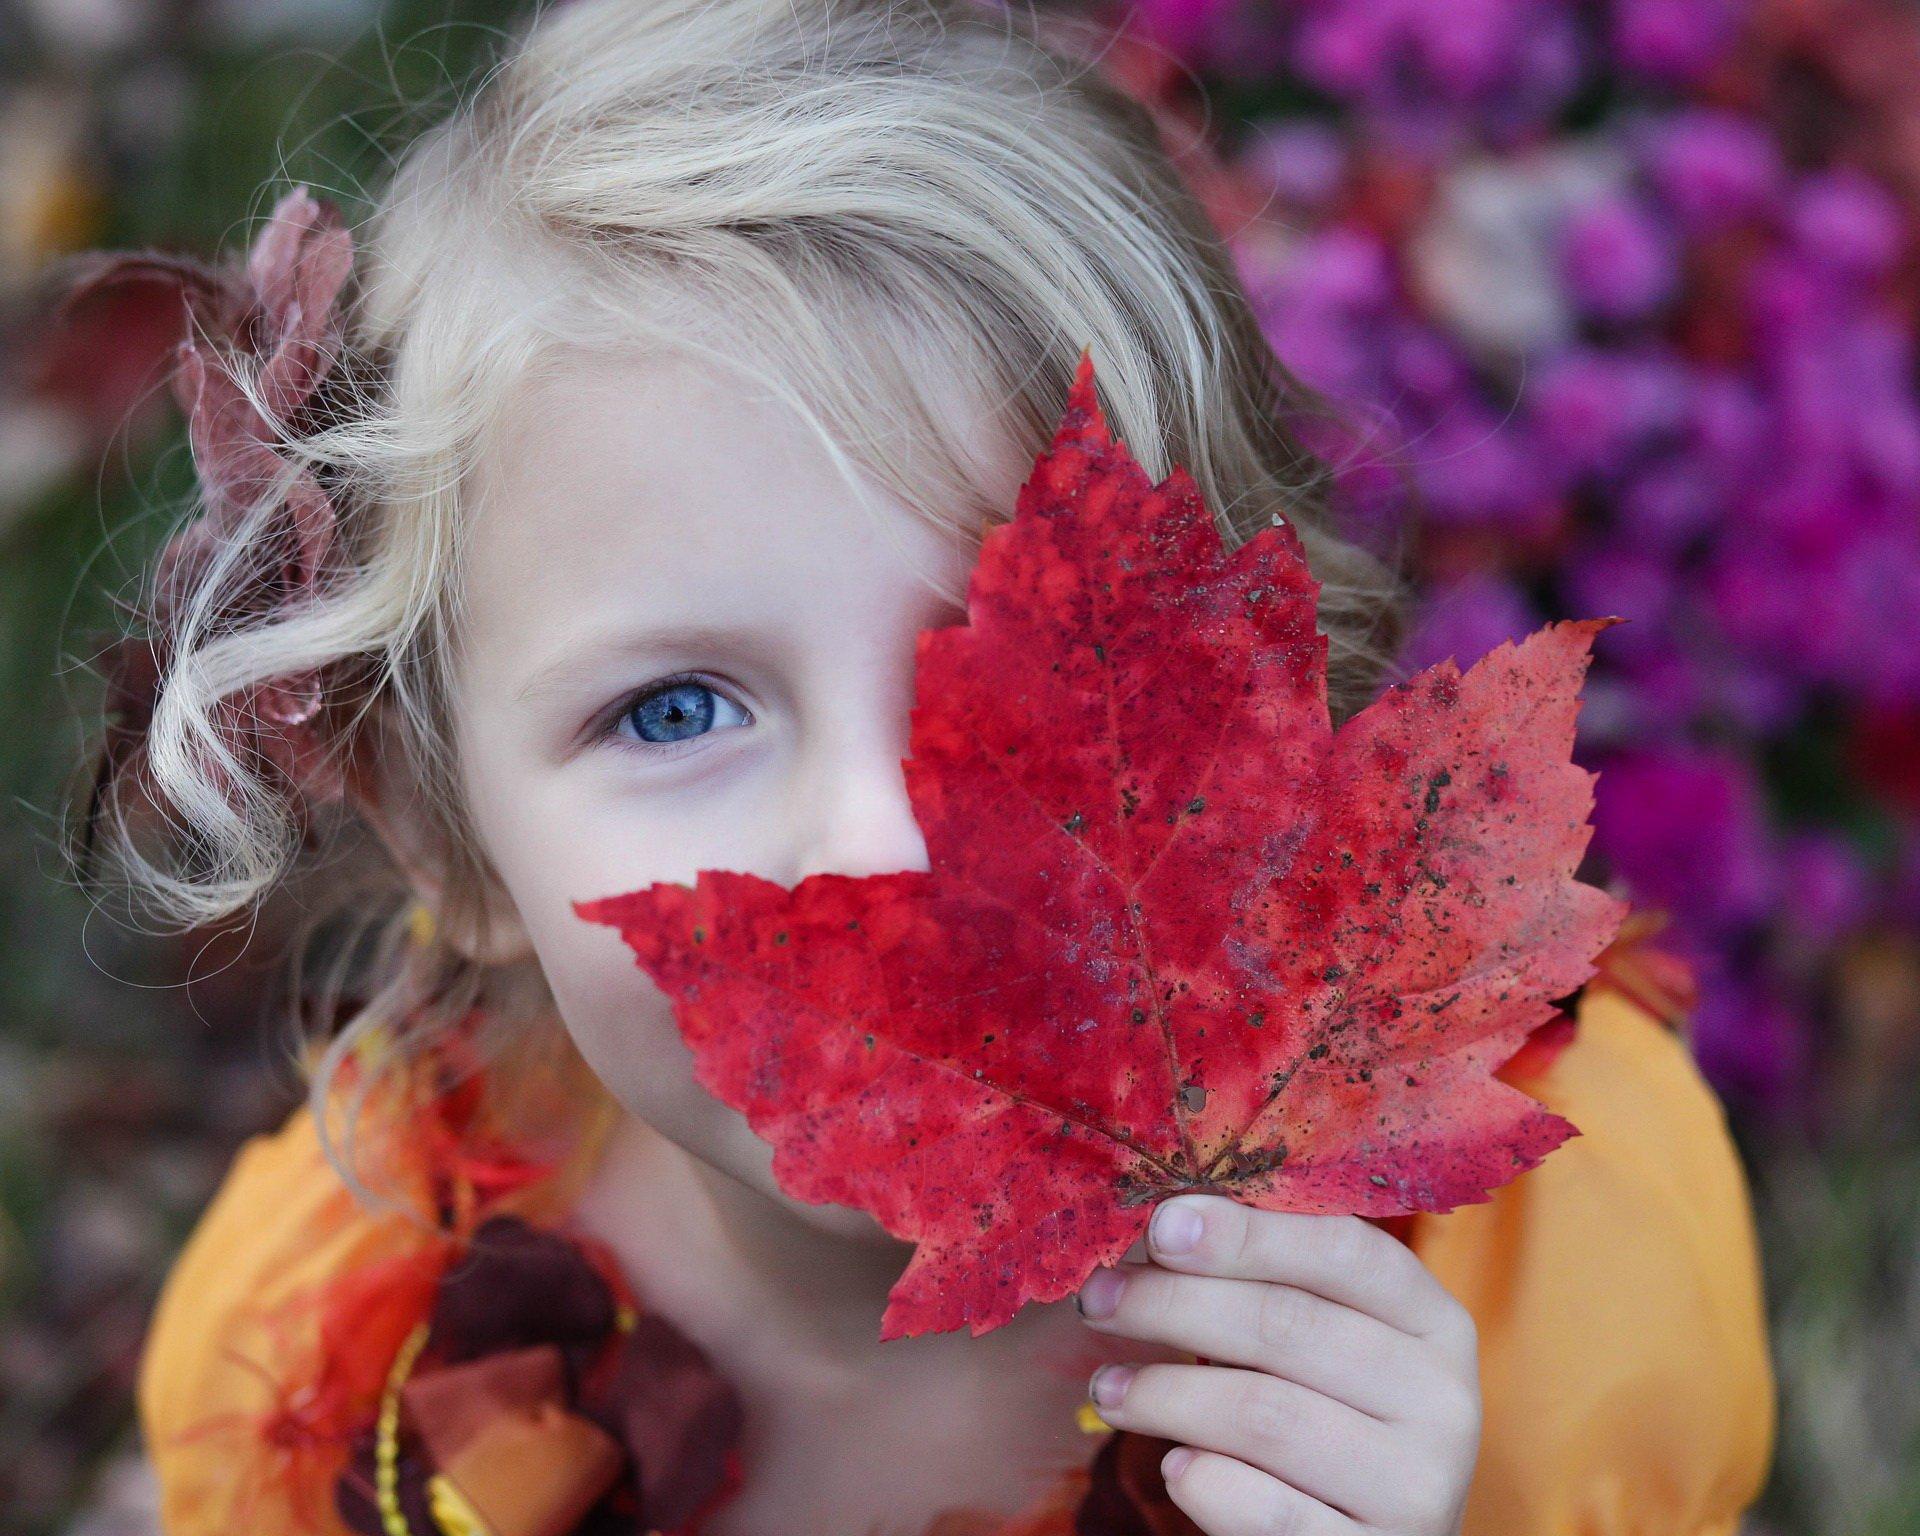 Jesienny kujawiaczek piosenka dla dzieci tekst i melodia